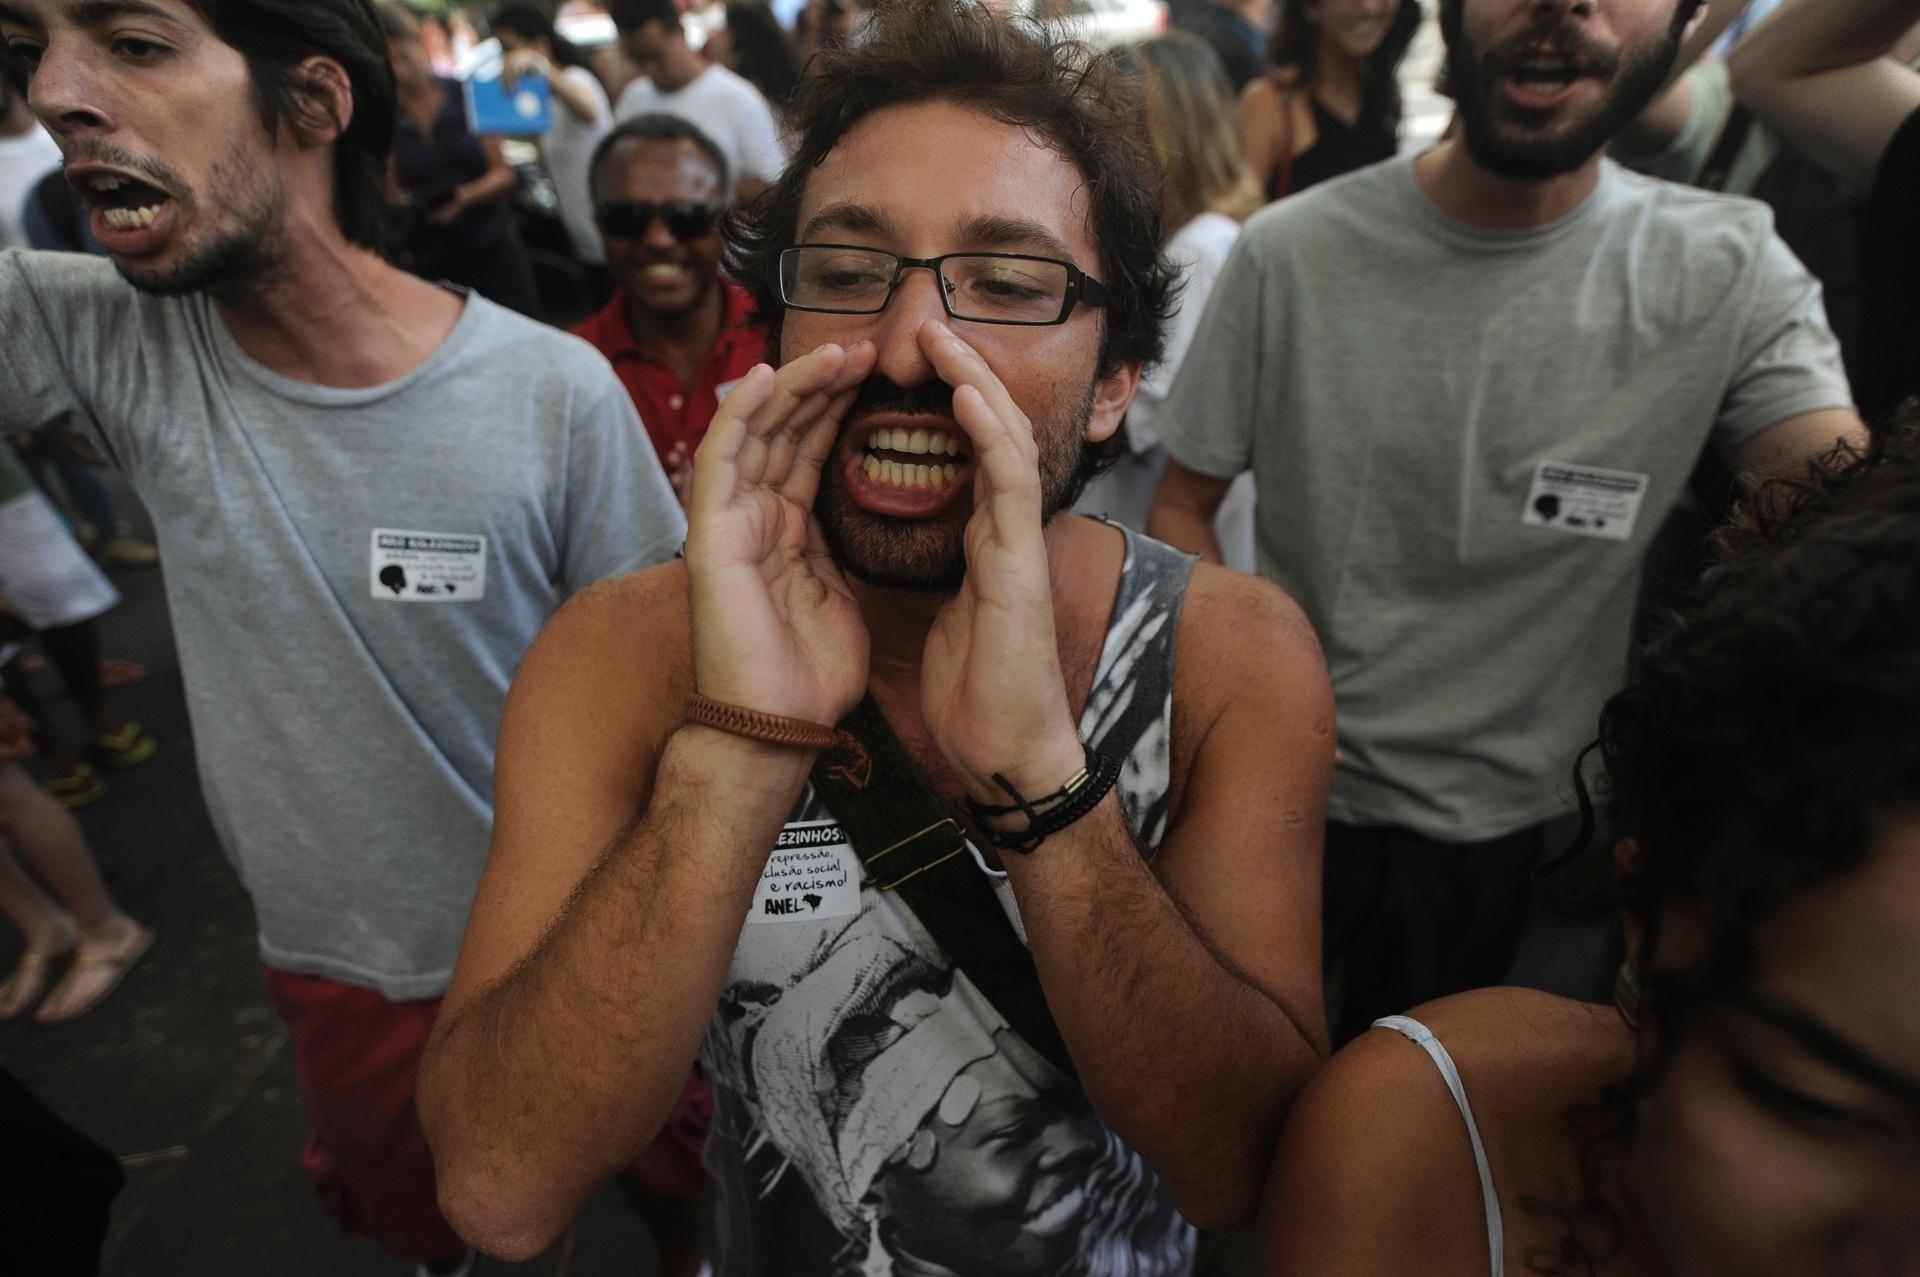 19.jan.2014 - Pessoas gritam palavras de ordem em frente ao shopping Leblon, na zona sul do Rio de Janeiro, em protesto contra o impedimento da realização de rolezinhos dentro desse tipo estabelecimento comercial. O shopping foi fechado neste domingo (19), por causa do movimento